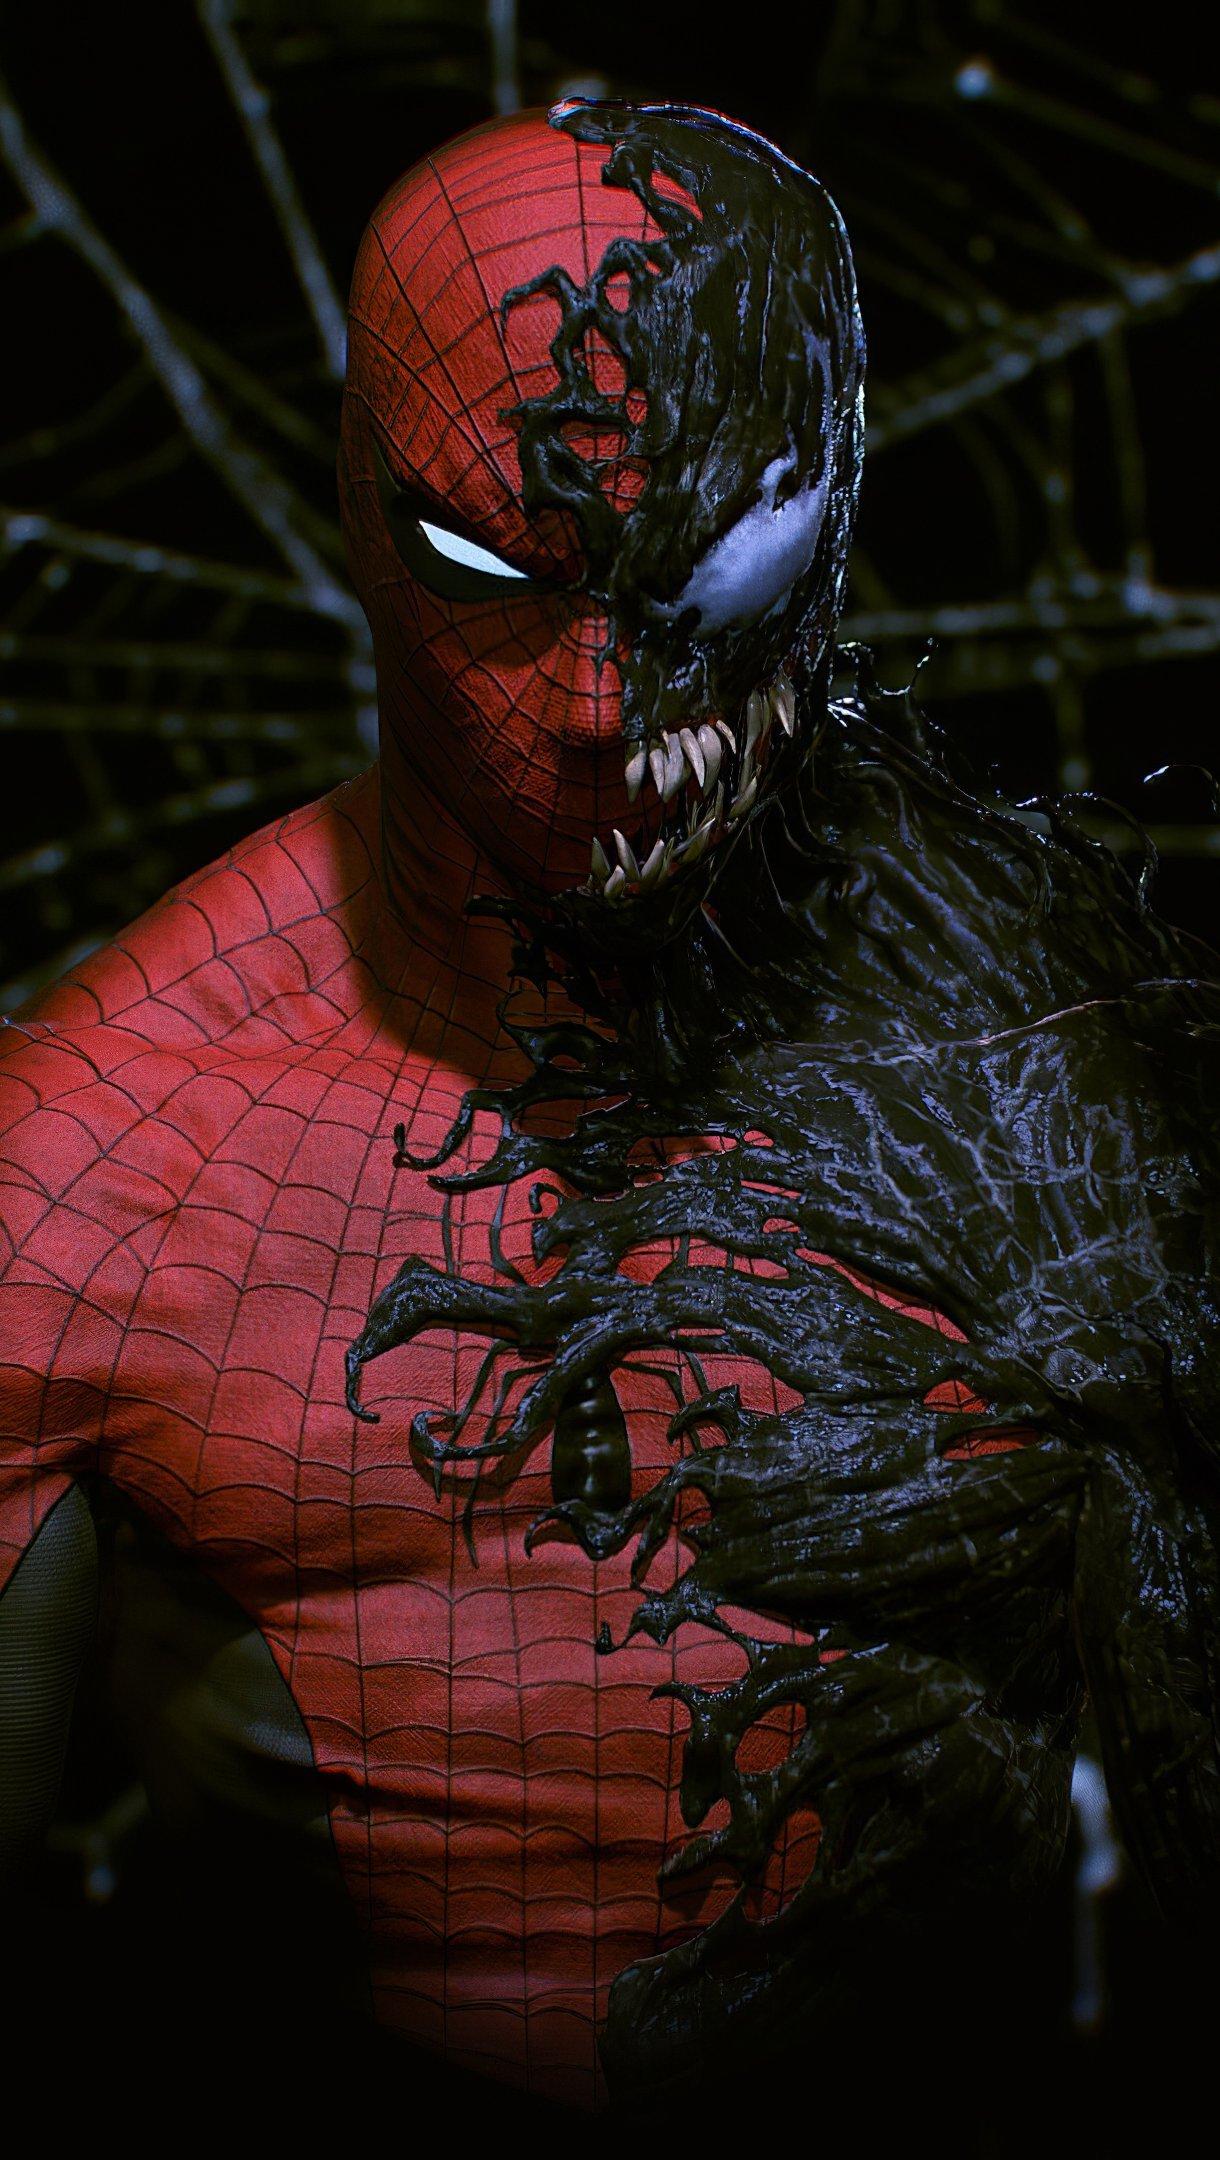 Fondos de pantalla Mitad Hombre Araña mitad Venom Vertical